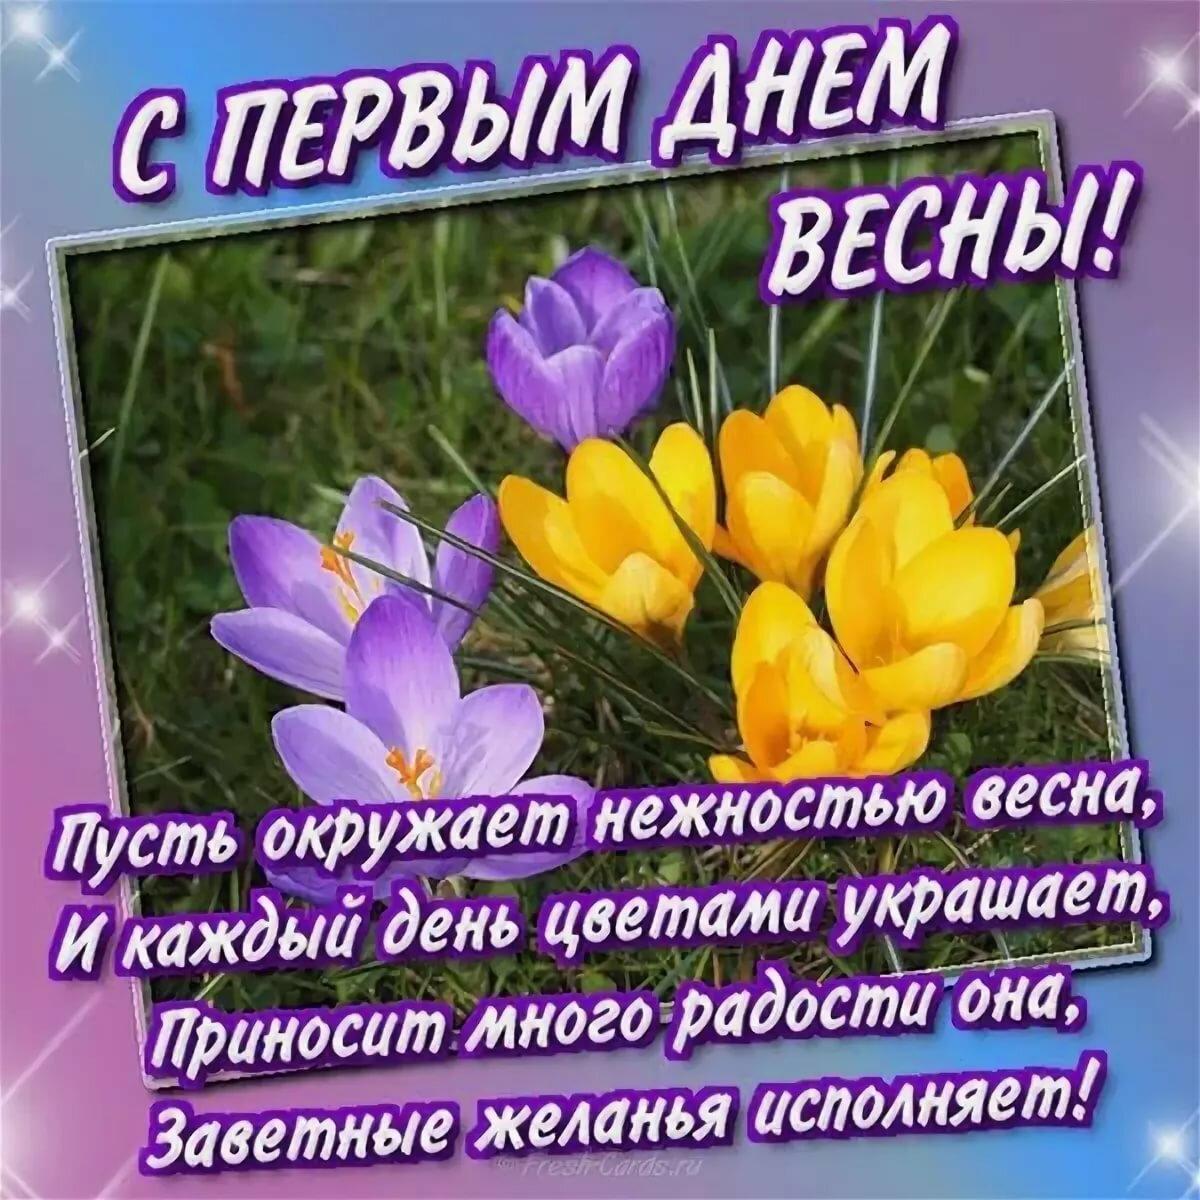 Картинки поздравления с первым днем весны, картинки